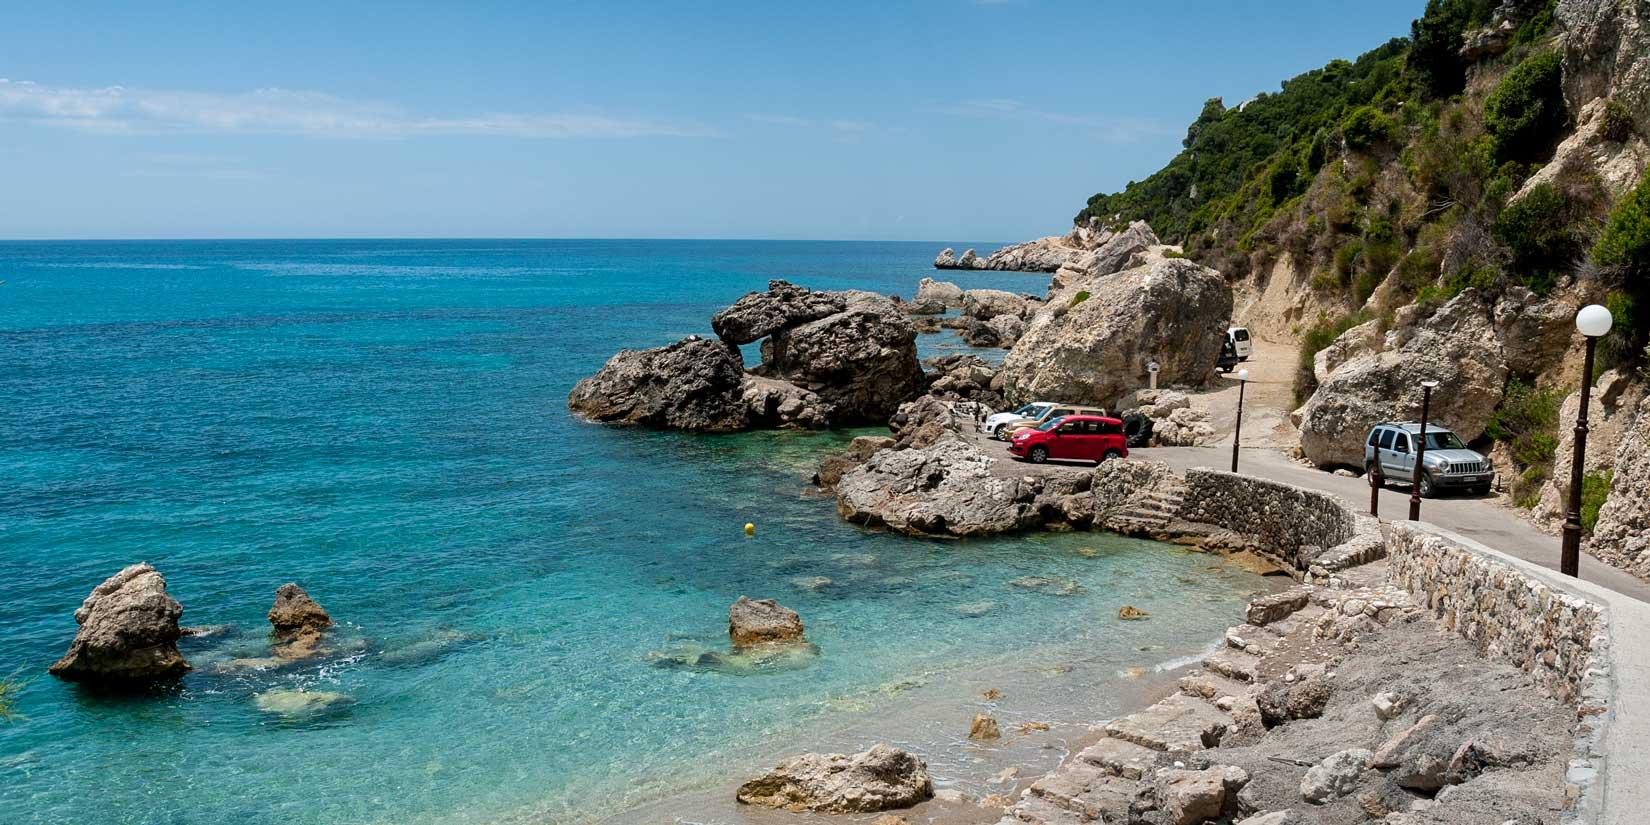 Ermones Beach, konečná, vystupovat! S typicky řeckou logikou je na začátku silnice značka Zákaz vjezdu na jednosměrnou silnici. Takže couvat!!!